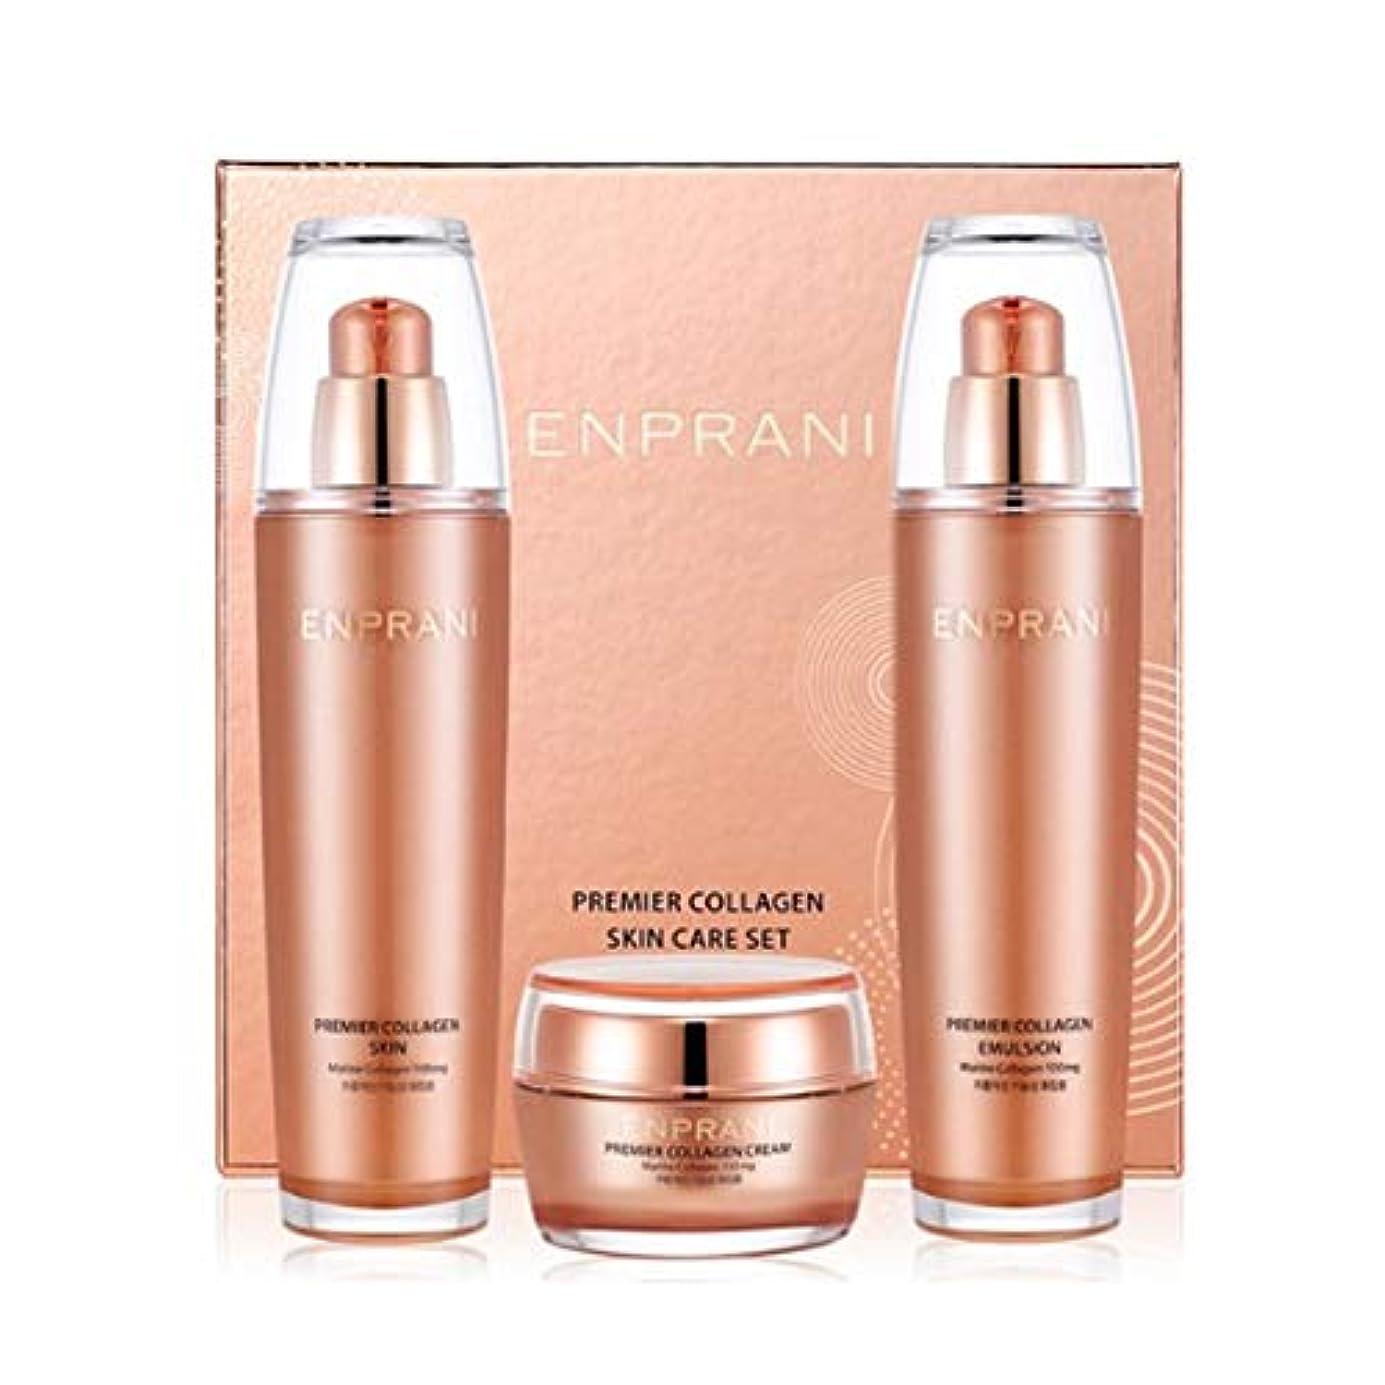 建物プロットカポックエンプラニ?プレミアコラーゲンセット(スキン125ml、エマルジョン125ml、クリーム50ml)、Enprani Premier Collagen Set (Skin、Emulsion、Cream) [並行輸入品]